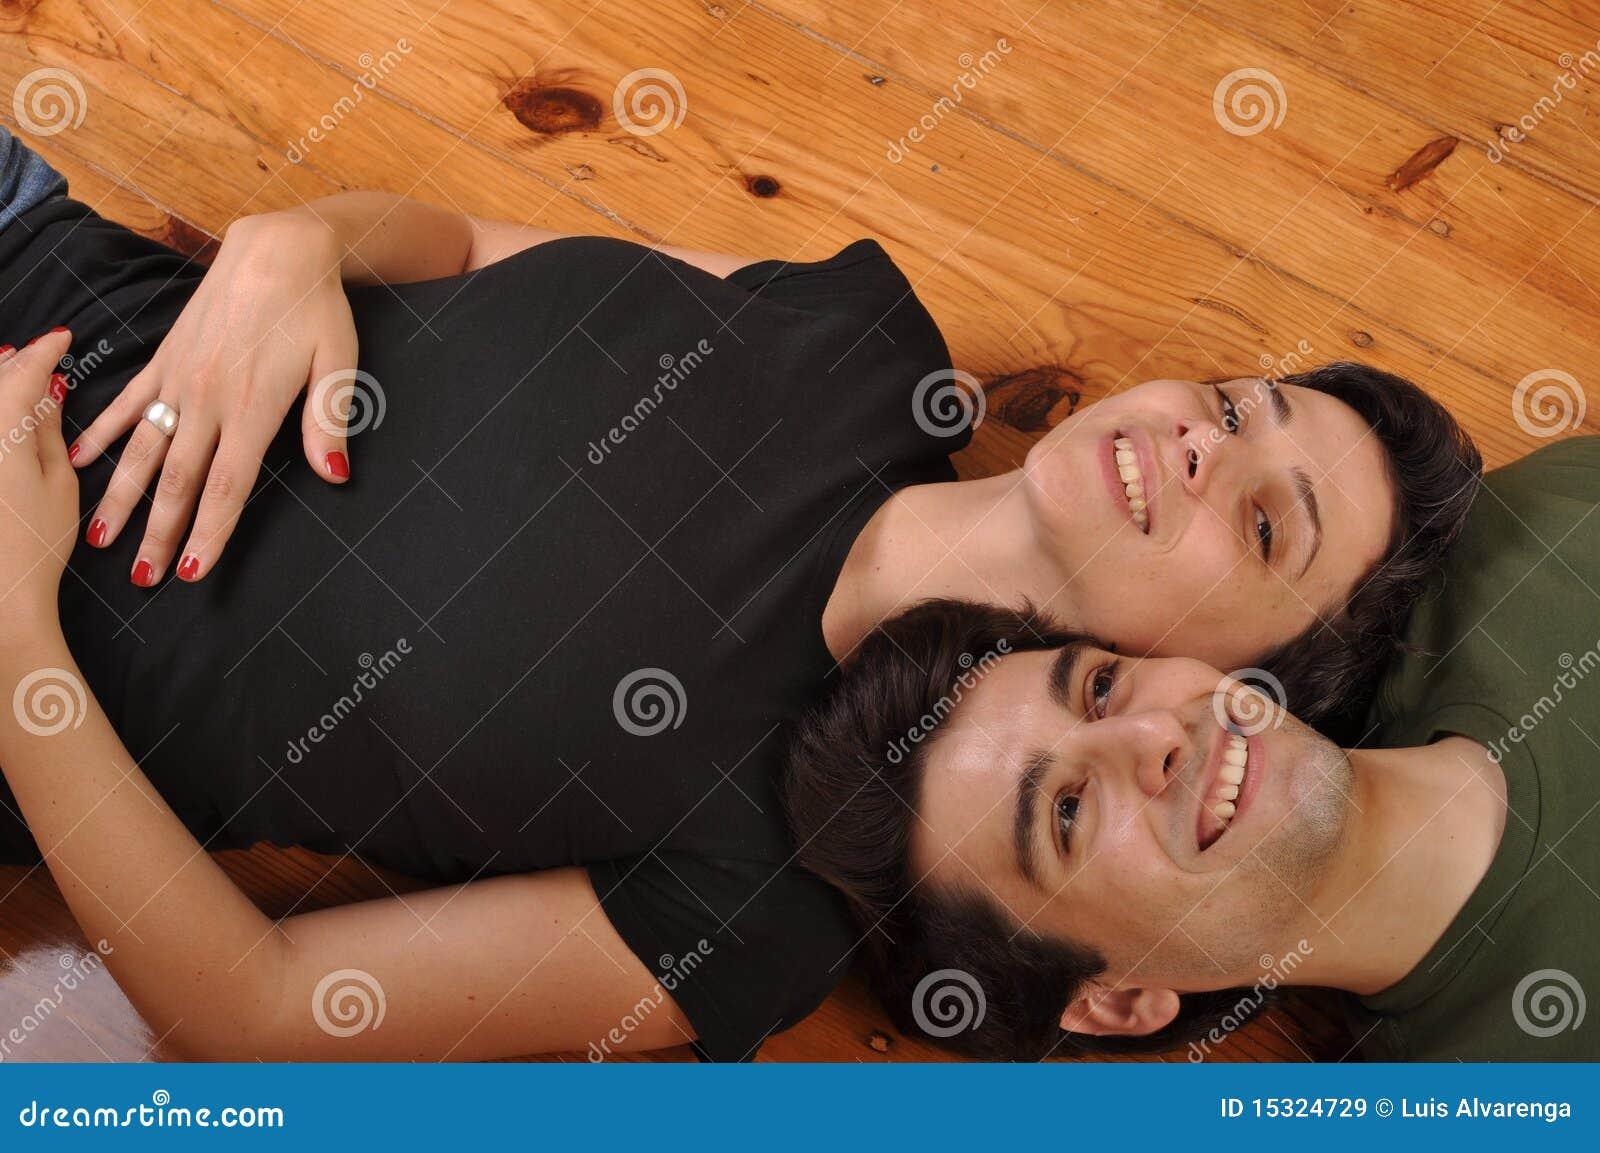 Смотреть секс брат и сестра онлайн, Инцест брат и сестра - смотреть лучшее порно. Ебалка 27 фотография